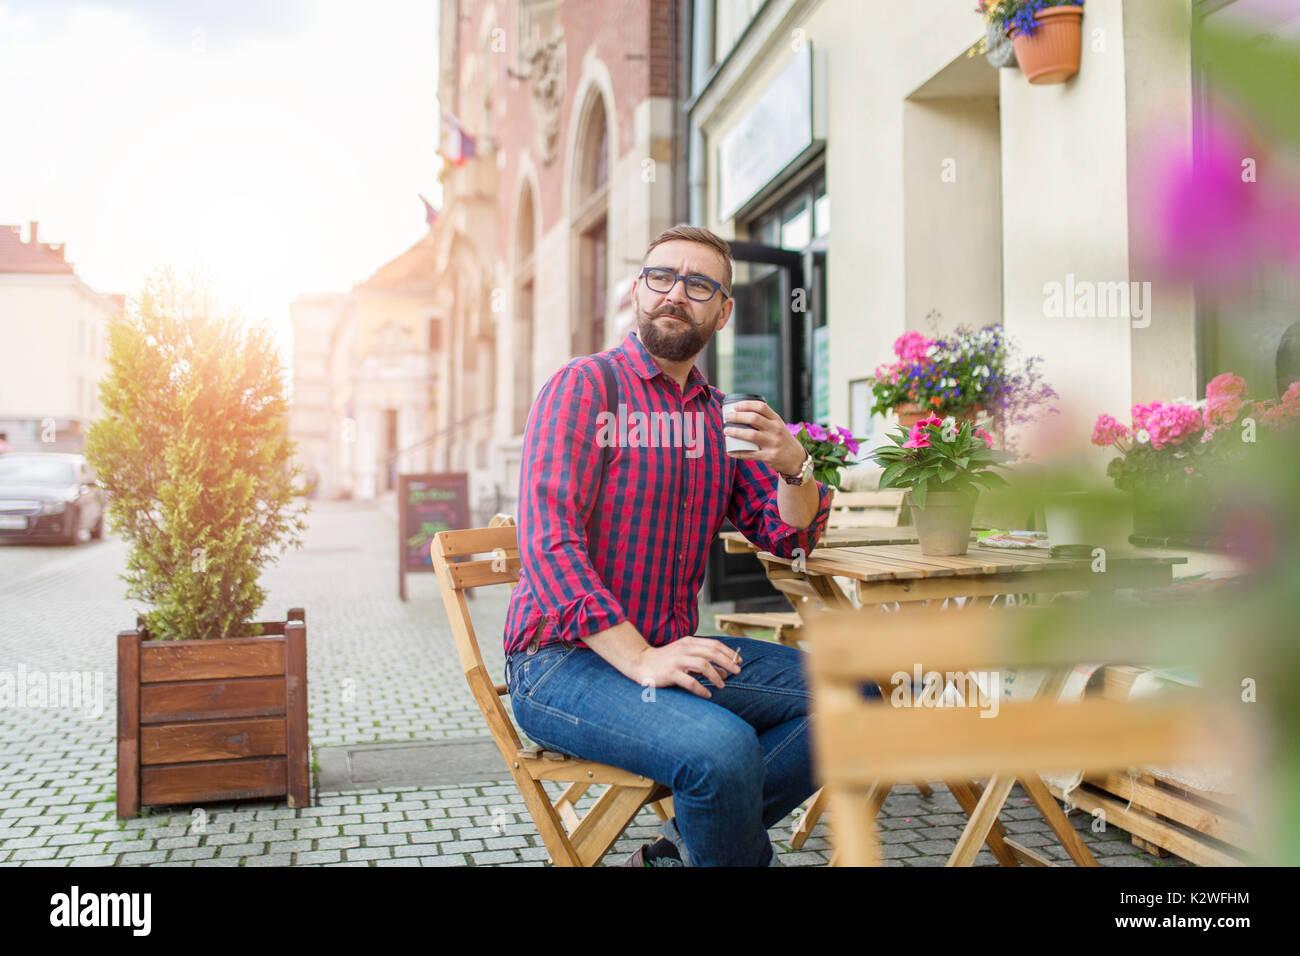 Mann sitzt im Cafe Garten und trinken Kaffee zum Mitnehmen Stockbild